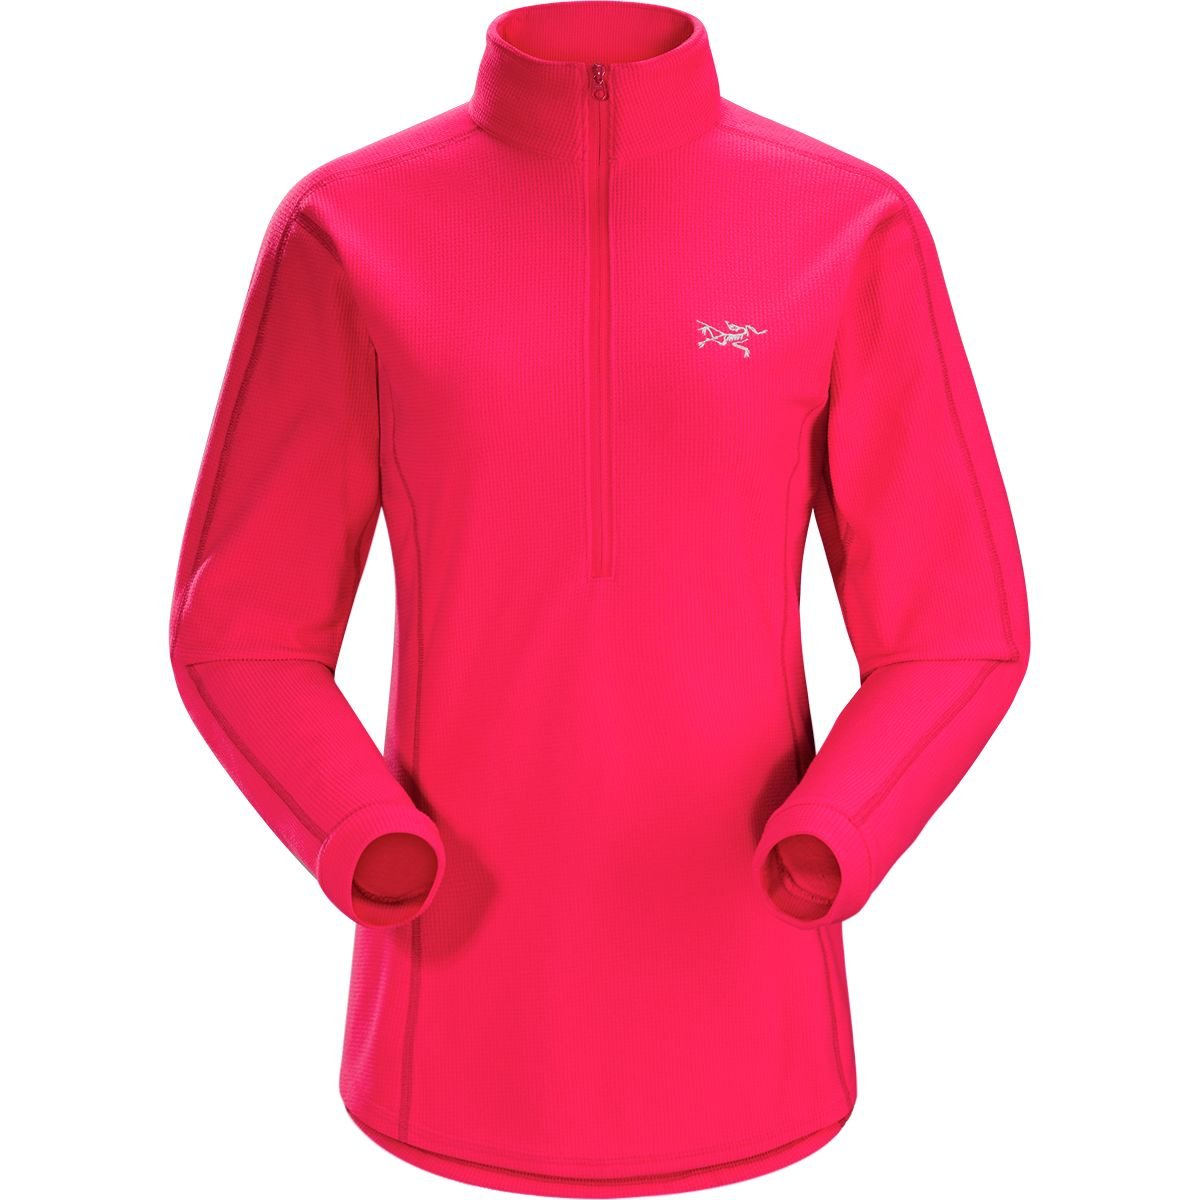 (アークテリクス) Arc'teryx Delta LT Fleece 1/2-Zip Pullover - Women'sレディース バックパック リュック Rad [並行輸入品] XL  B078TCJ7VS